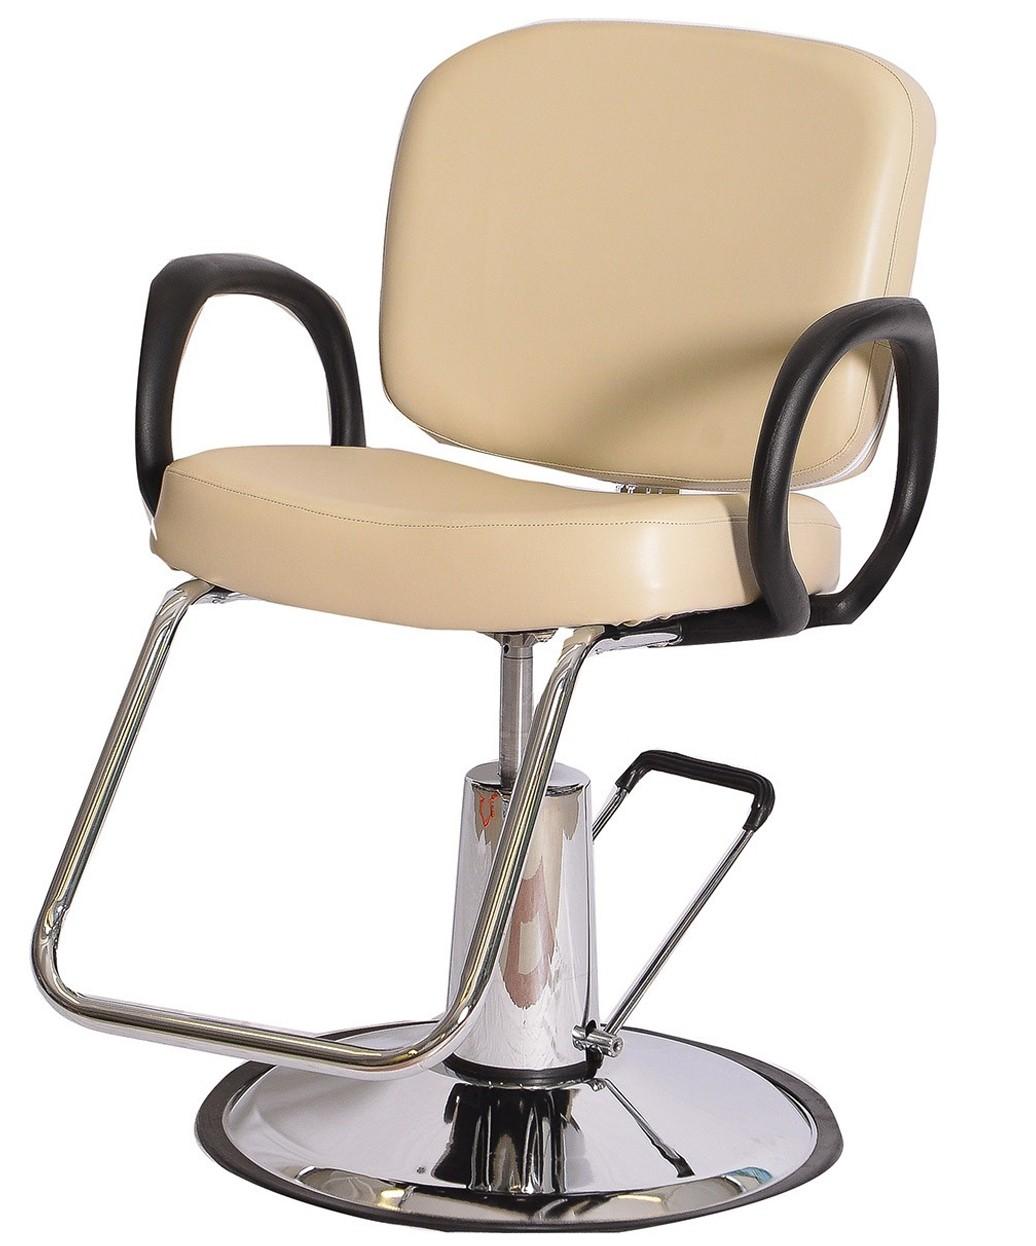 3 Operator Pibbs 5406 Loop Package Pibbs 5406 Loop Styling Chair